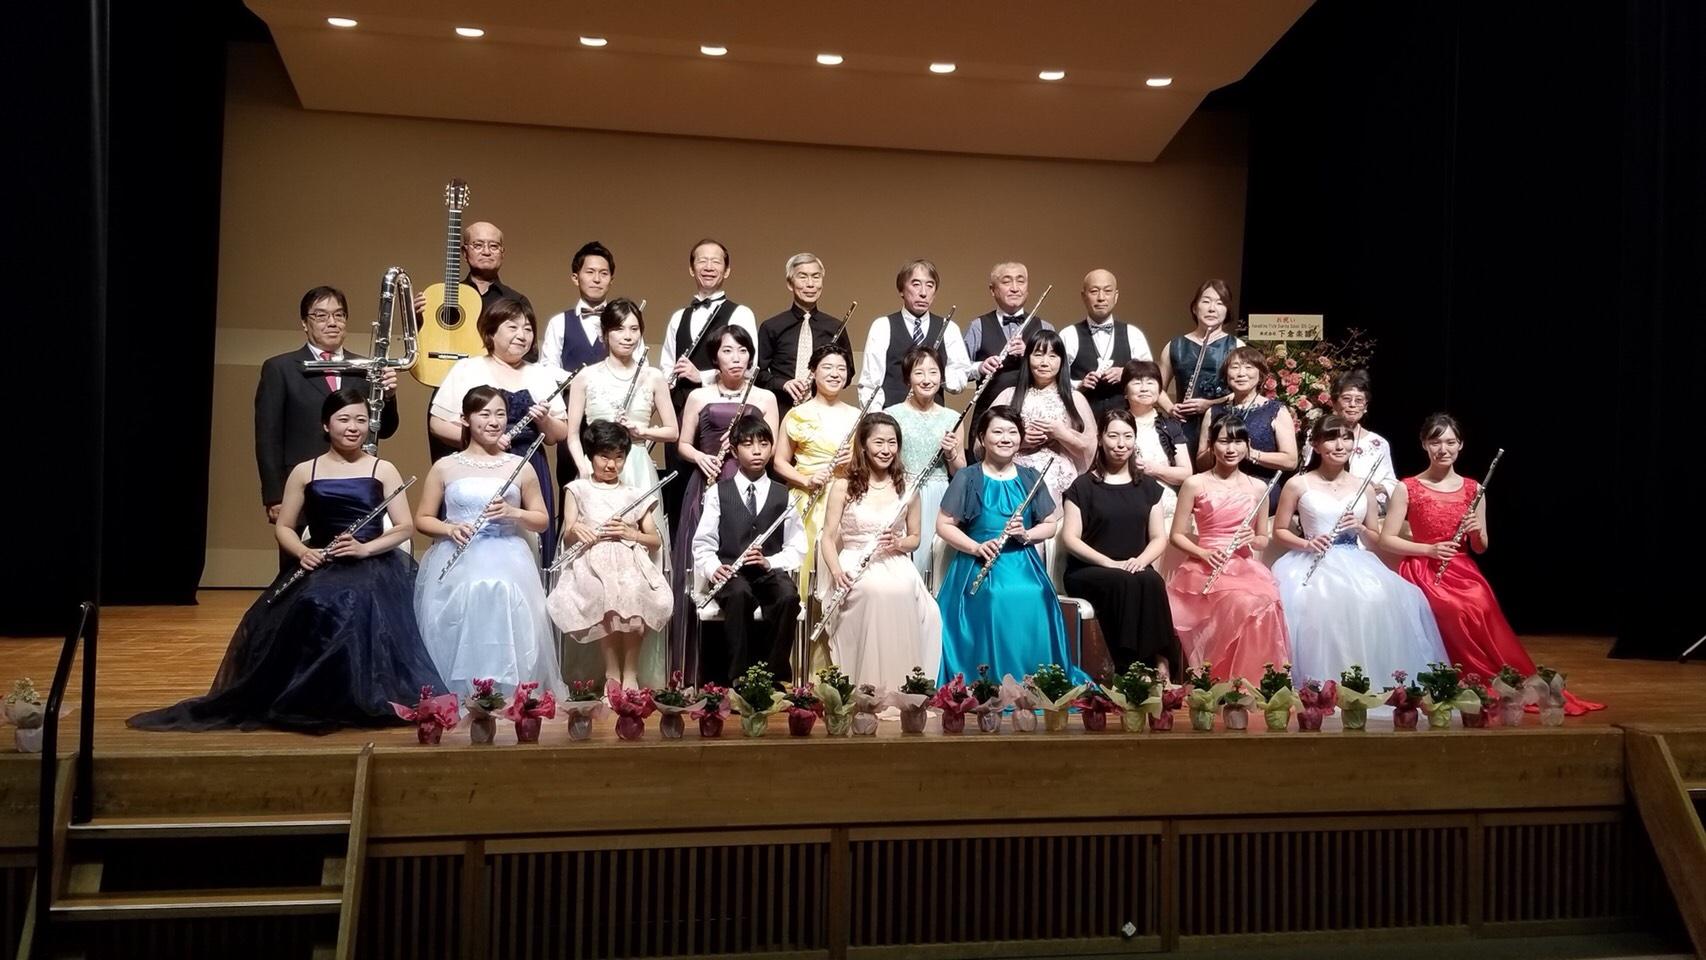 2018/10/14 フルート教室発表会